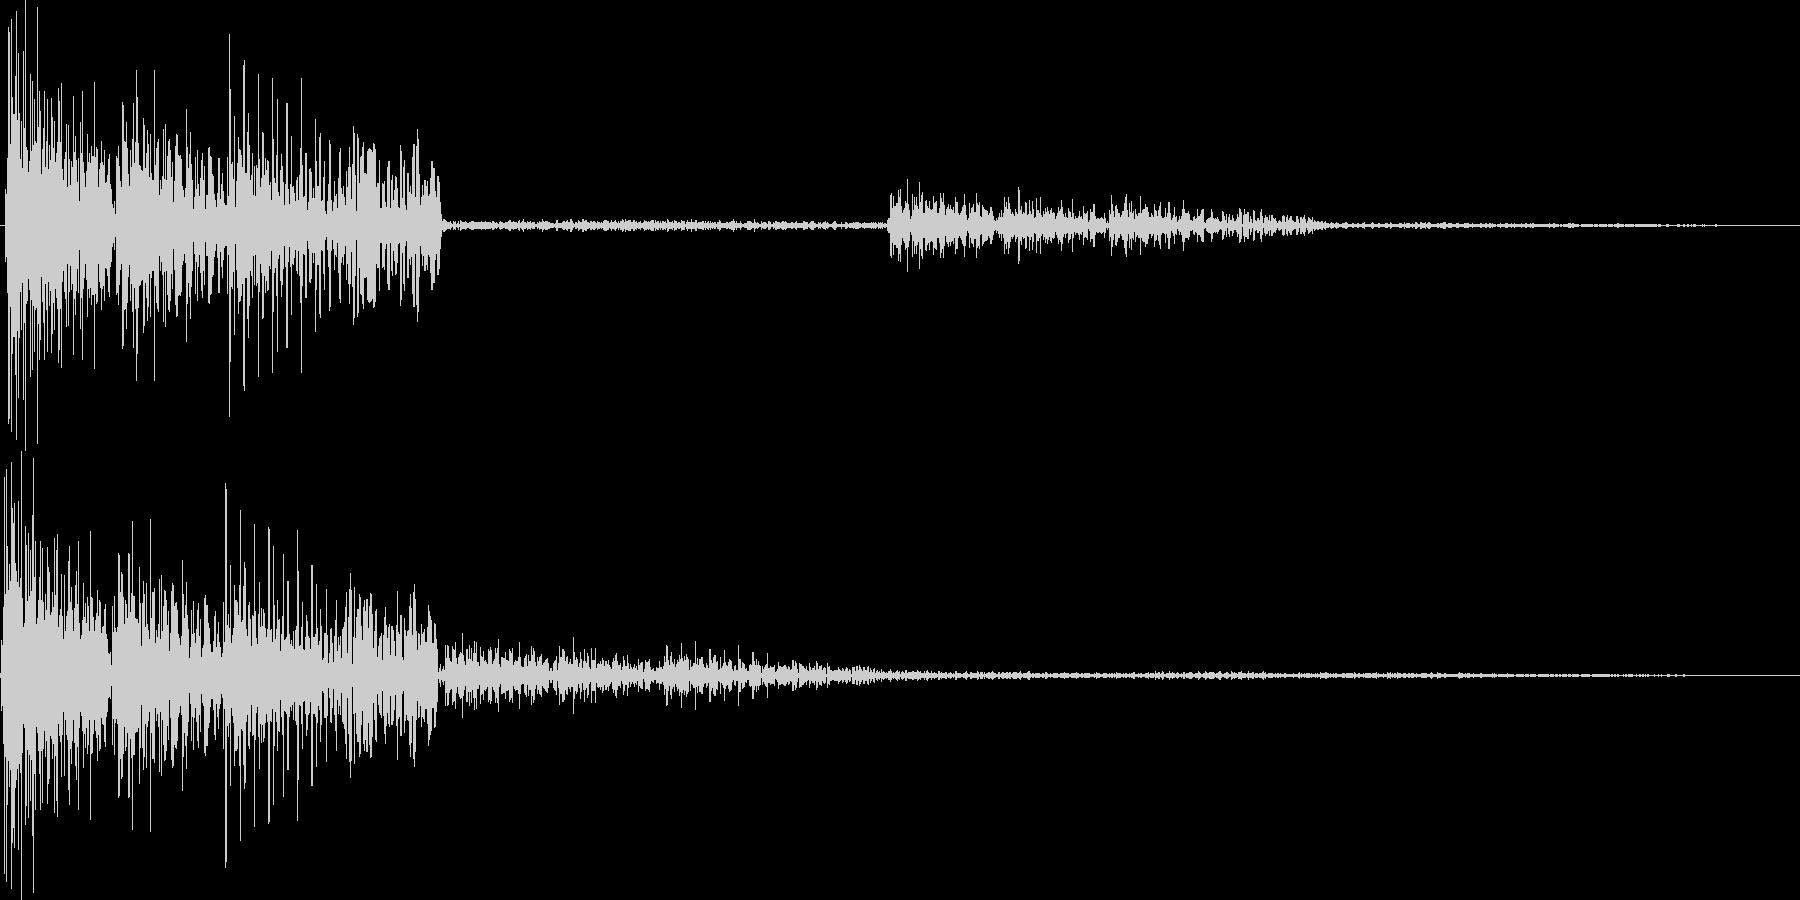 テロロロン(ミス、アウト、キャンセル)の未再生の波形